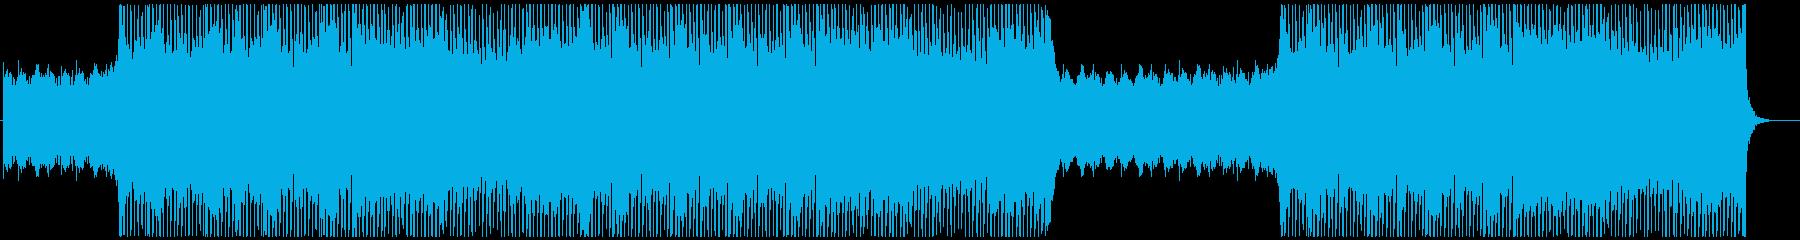 疾走感 緊張感 戦闘 バトル ピアノの再生済みの波形